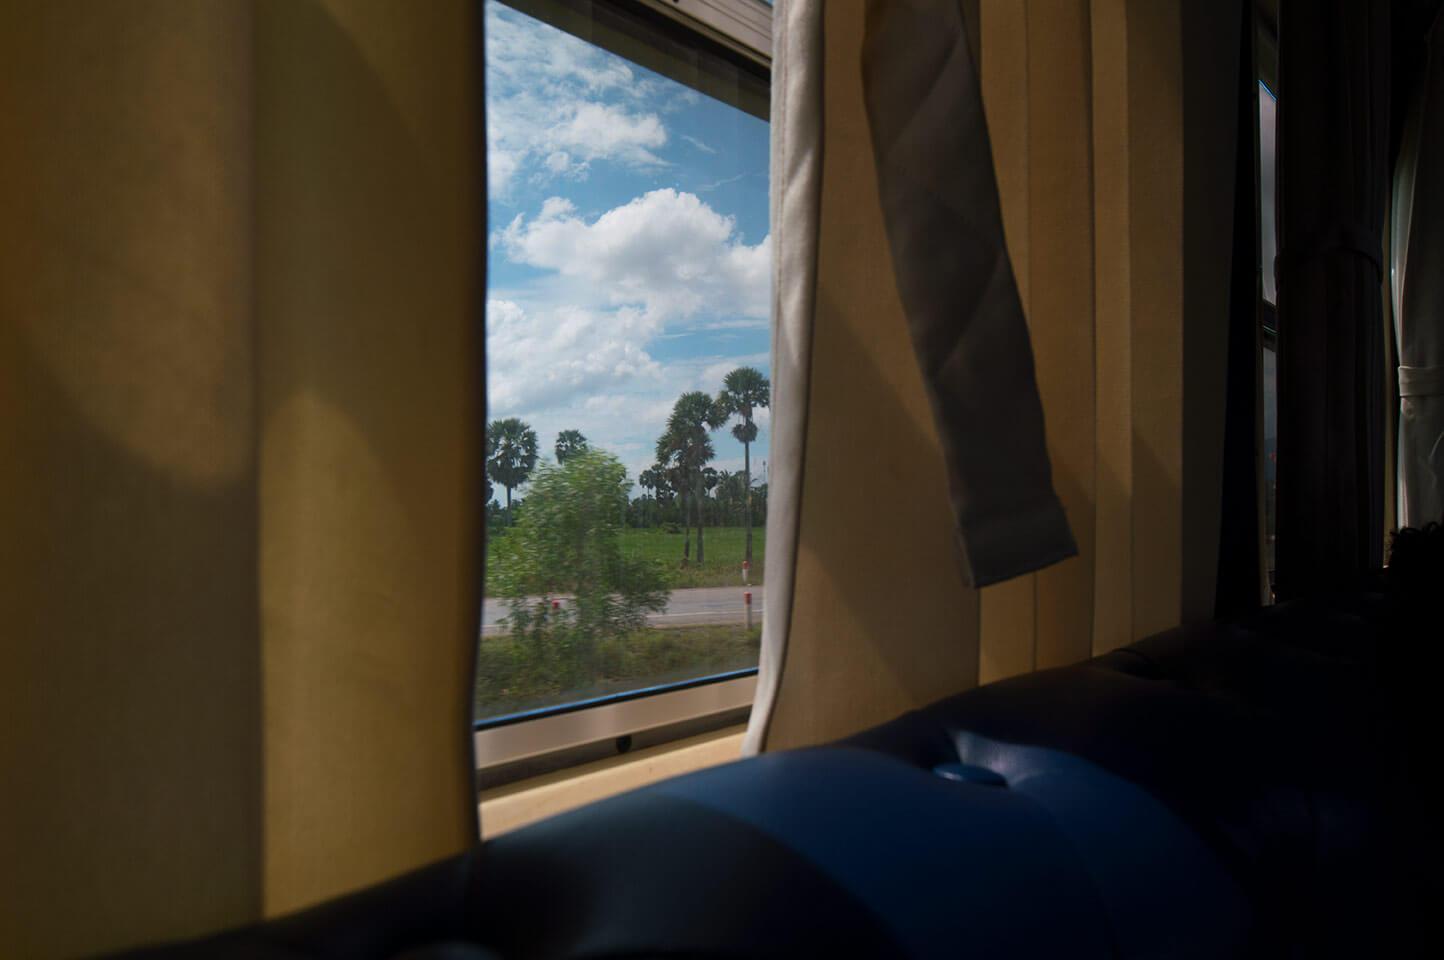 Mit dem Zug nach Kampot – eine ungewöhnliche Bahnfahrt